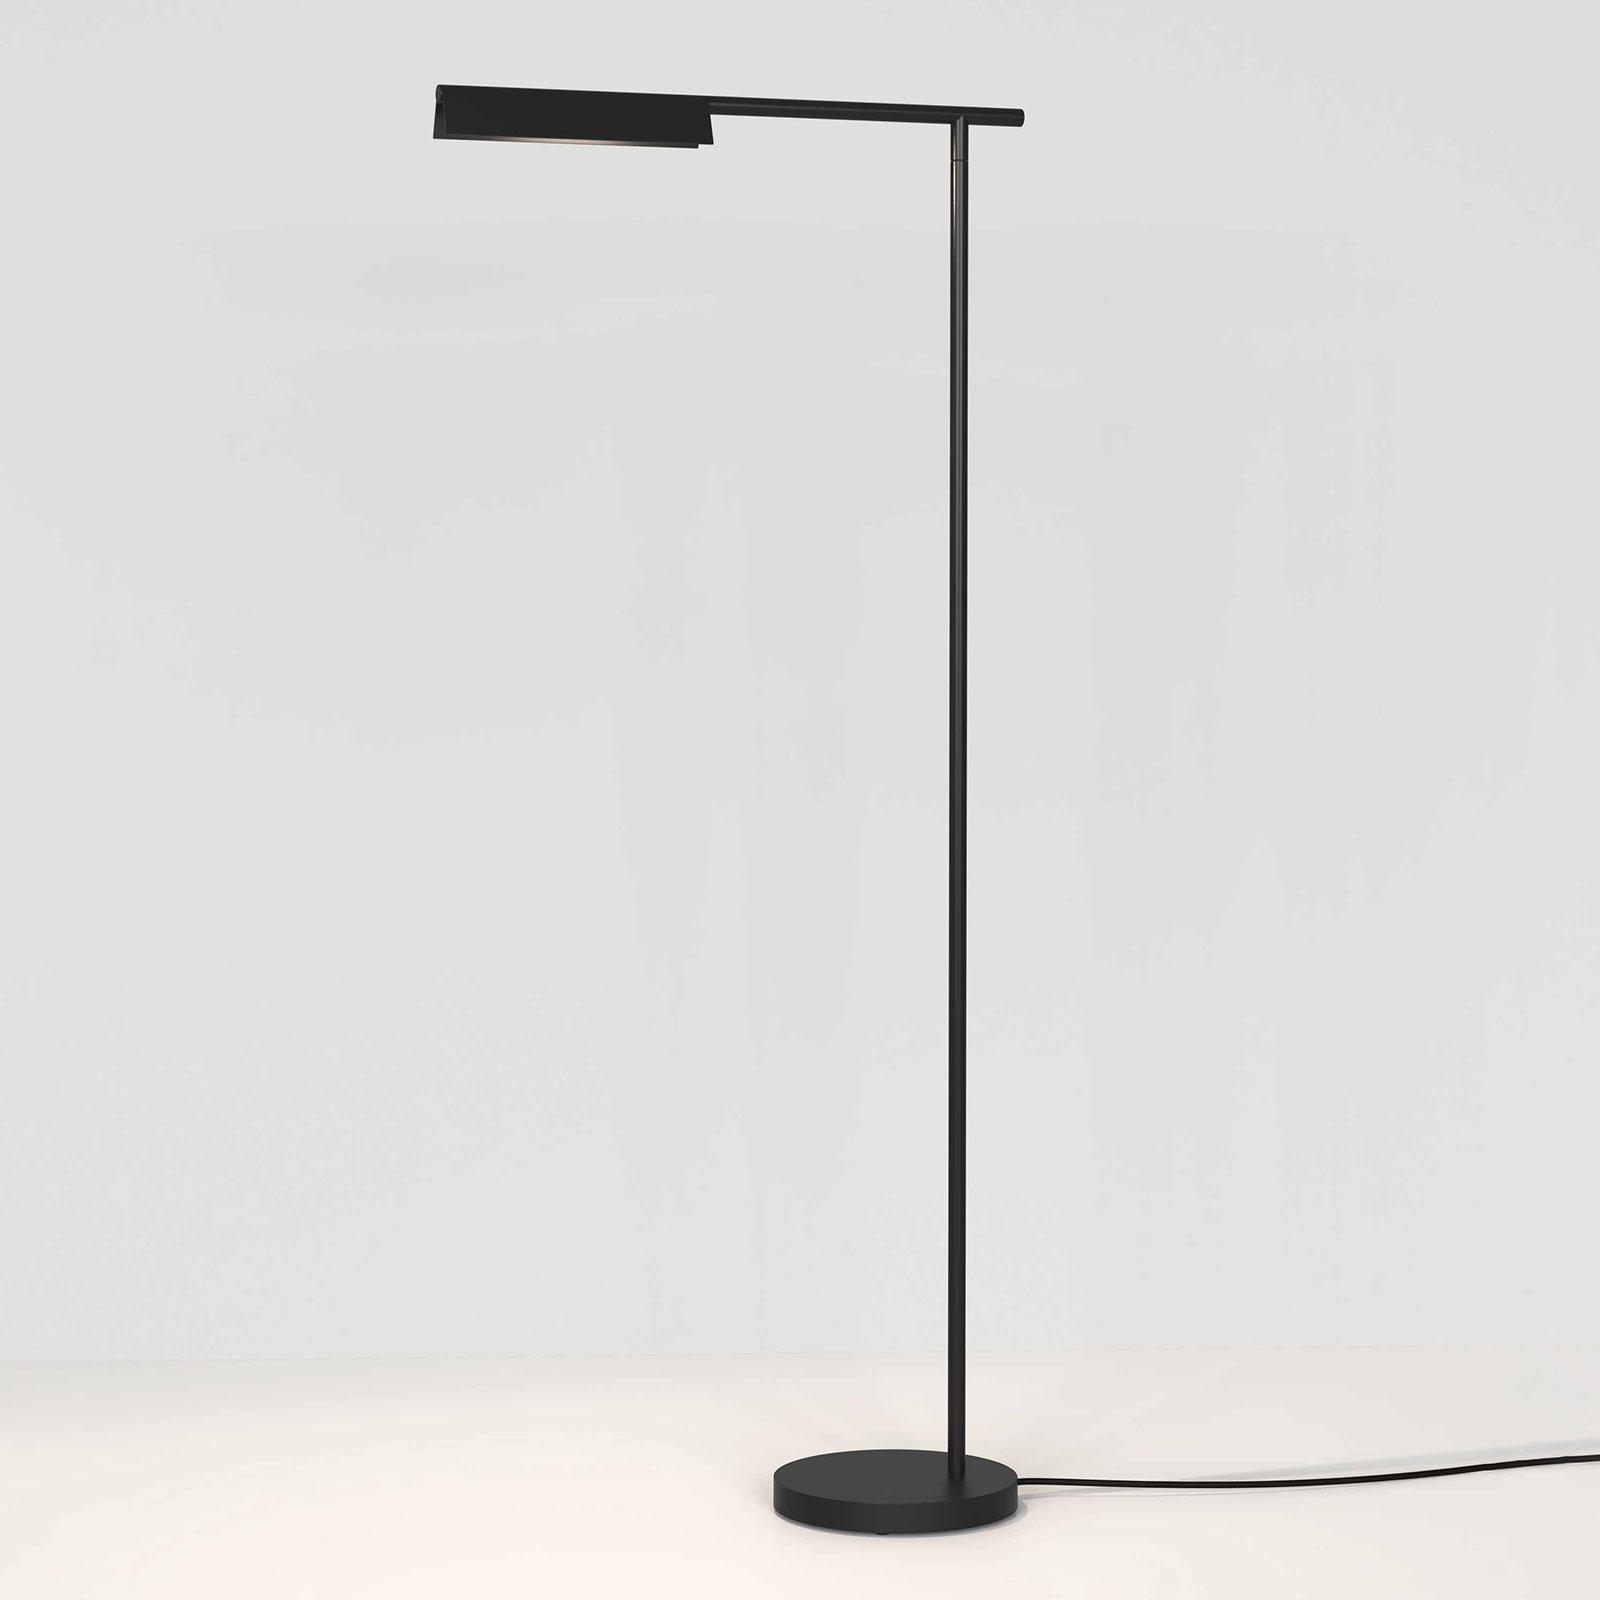 Astro Fold lampa stojąca LED czarna matowa